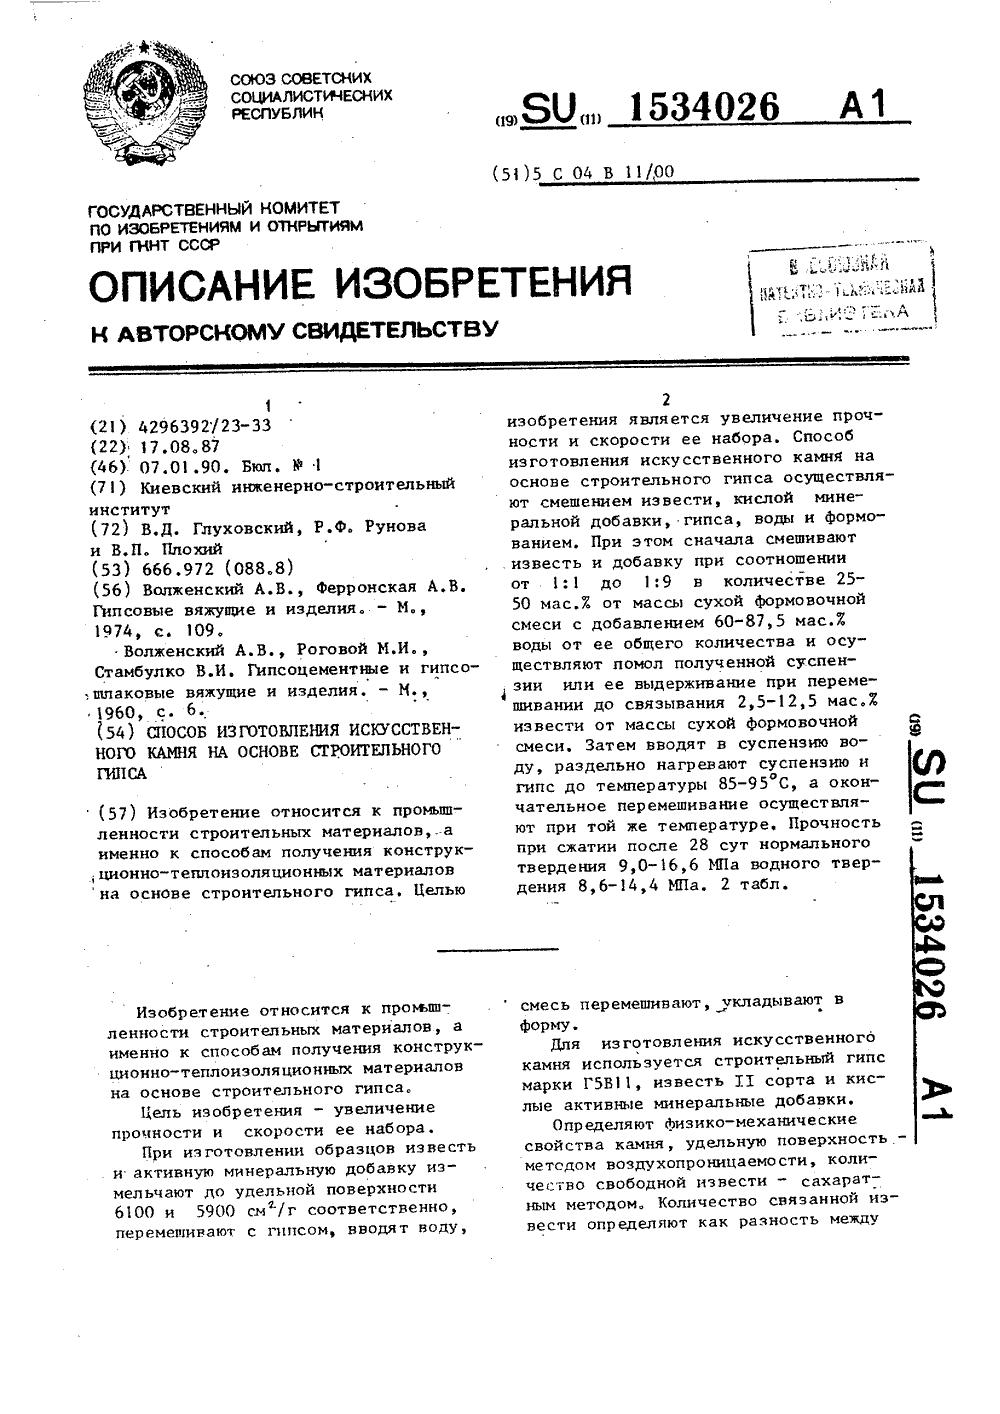 а.в волженский минеральные вяжущие вещества м 1979